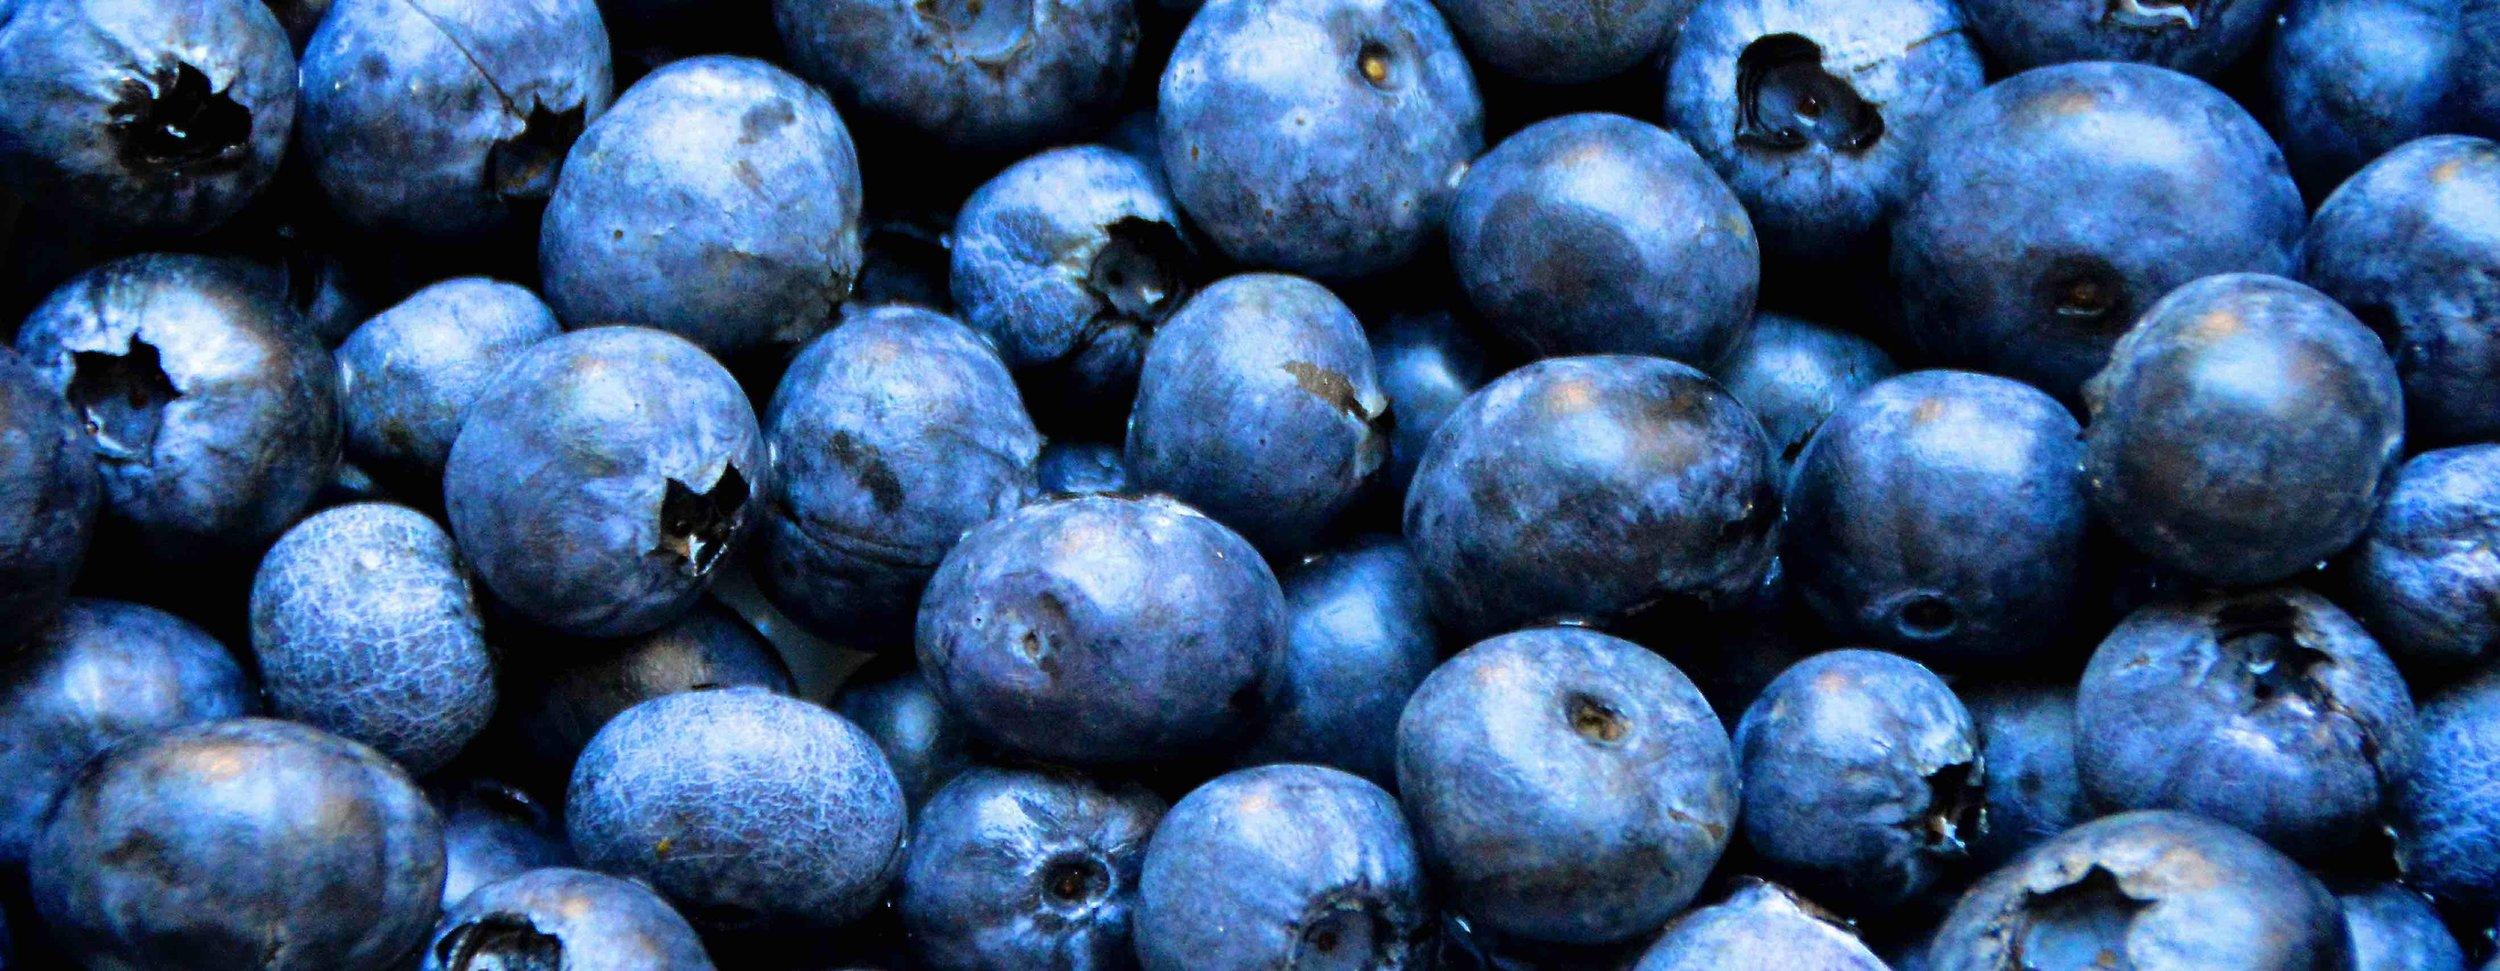 blueberries-banner.jpg